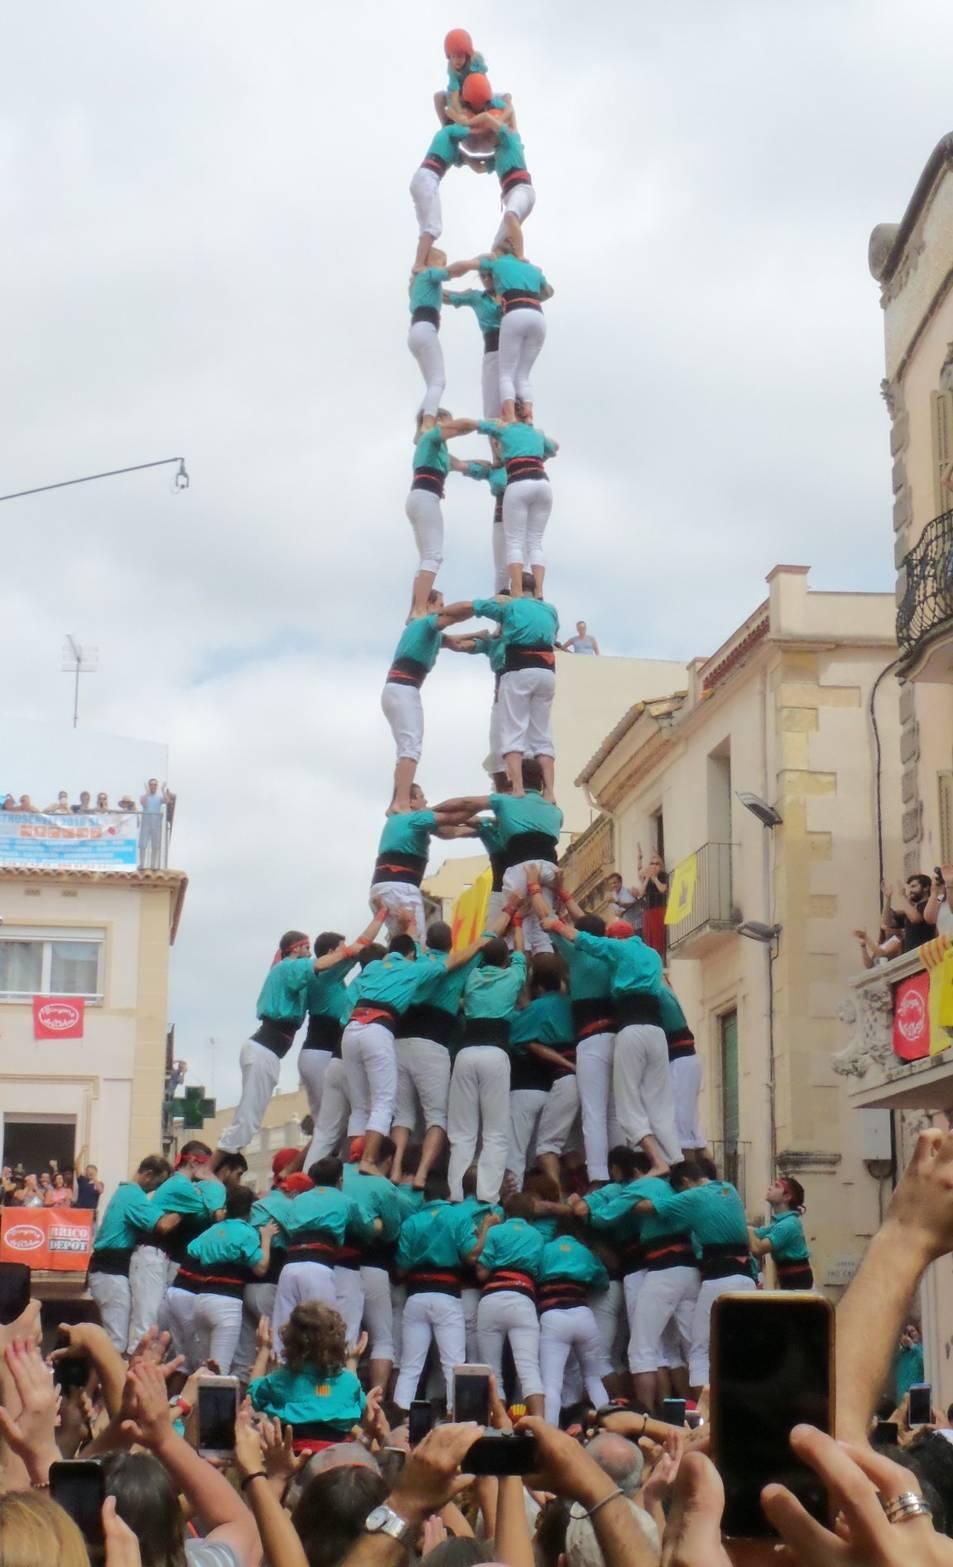 3de10fm descarregat pels Castellers de Vilafranca a l'Arboç.